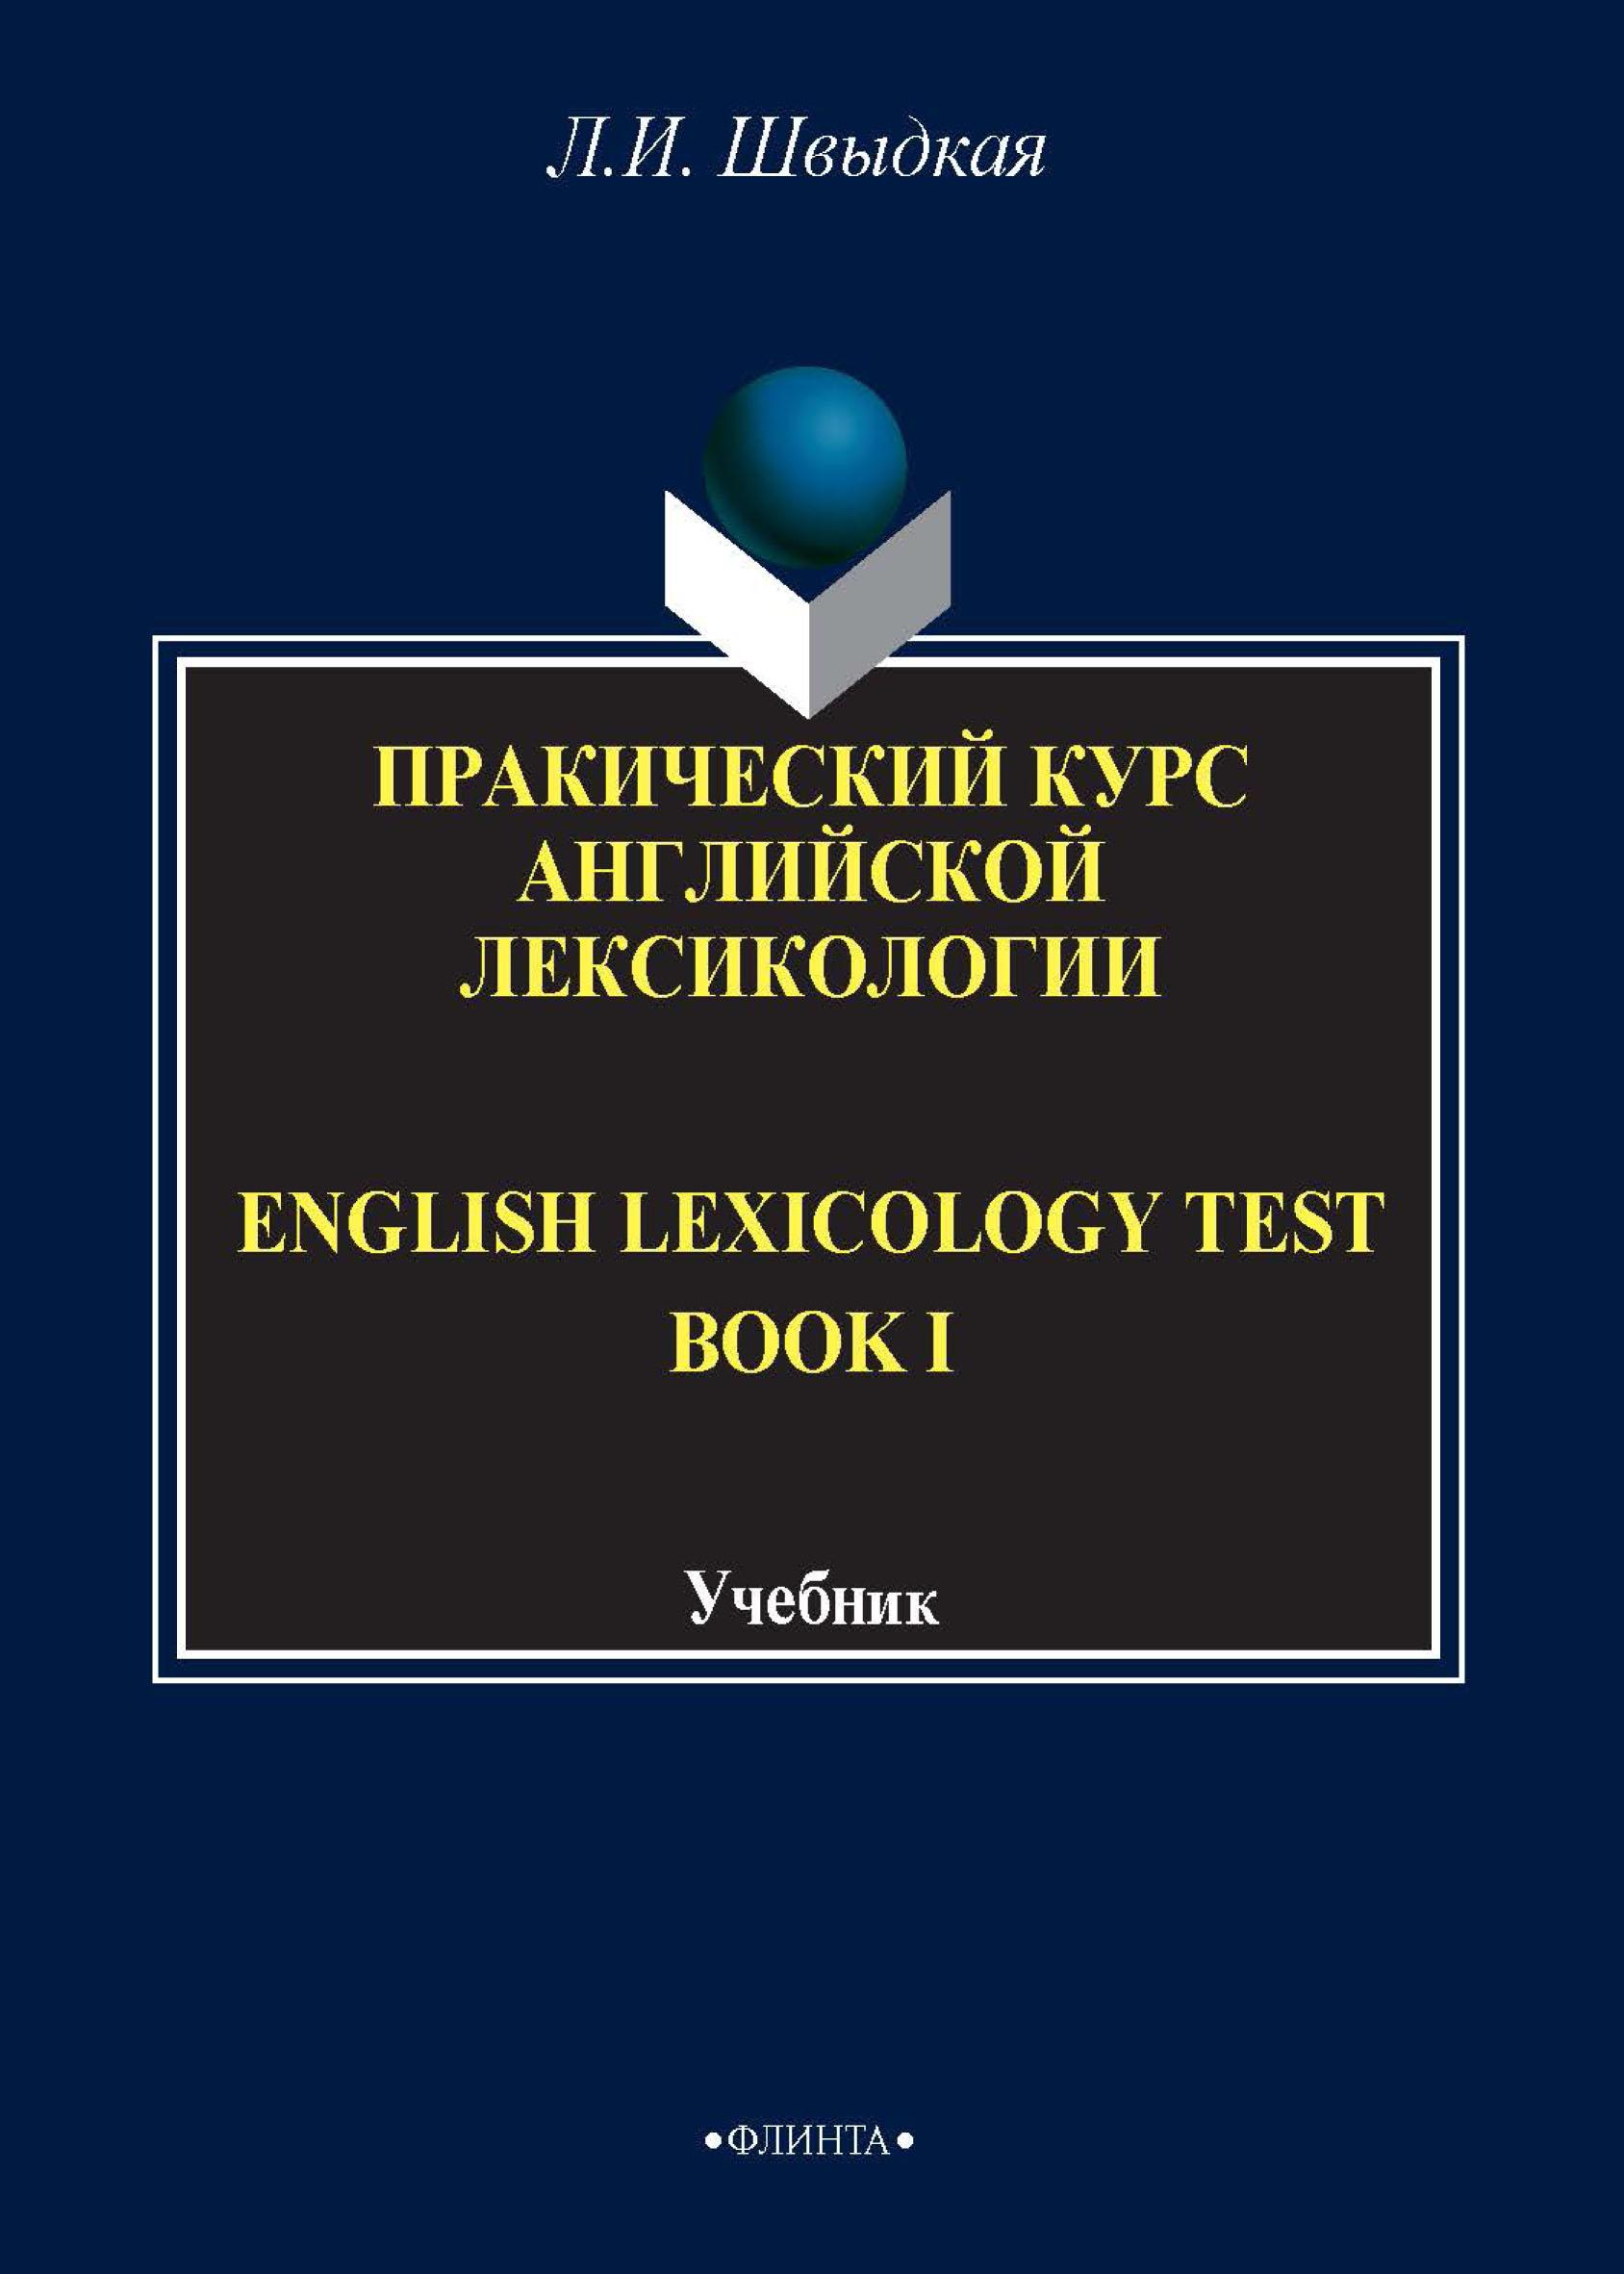 Л. И. Швыдкая English Lexicology Test Book. Практический курс английской лексикологии. Часть I